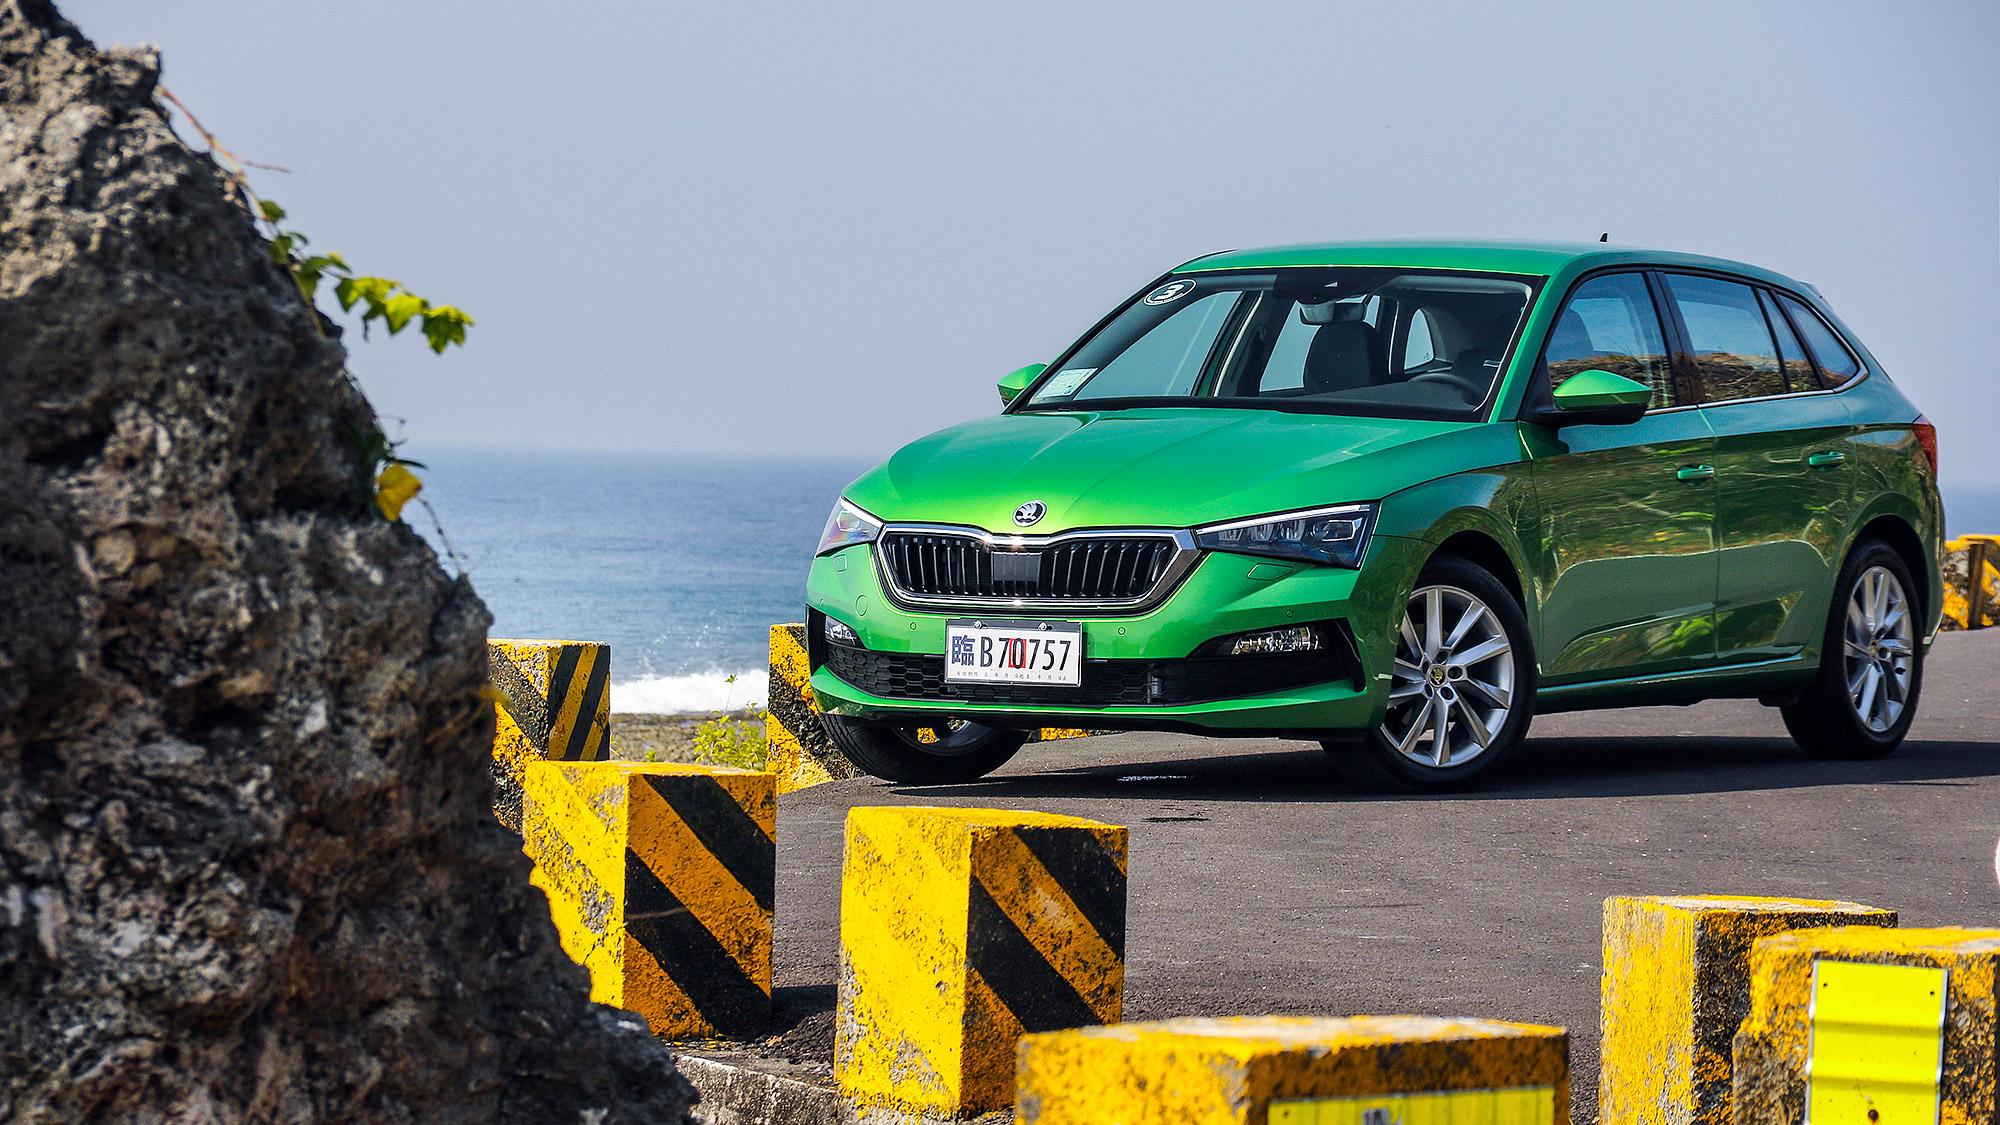 休旅風潮下不同思考,Škoda Scala 為掀背帶來更多可能